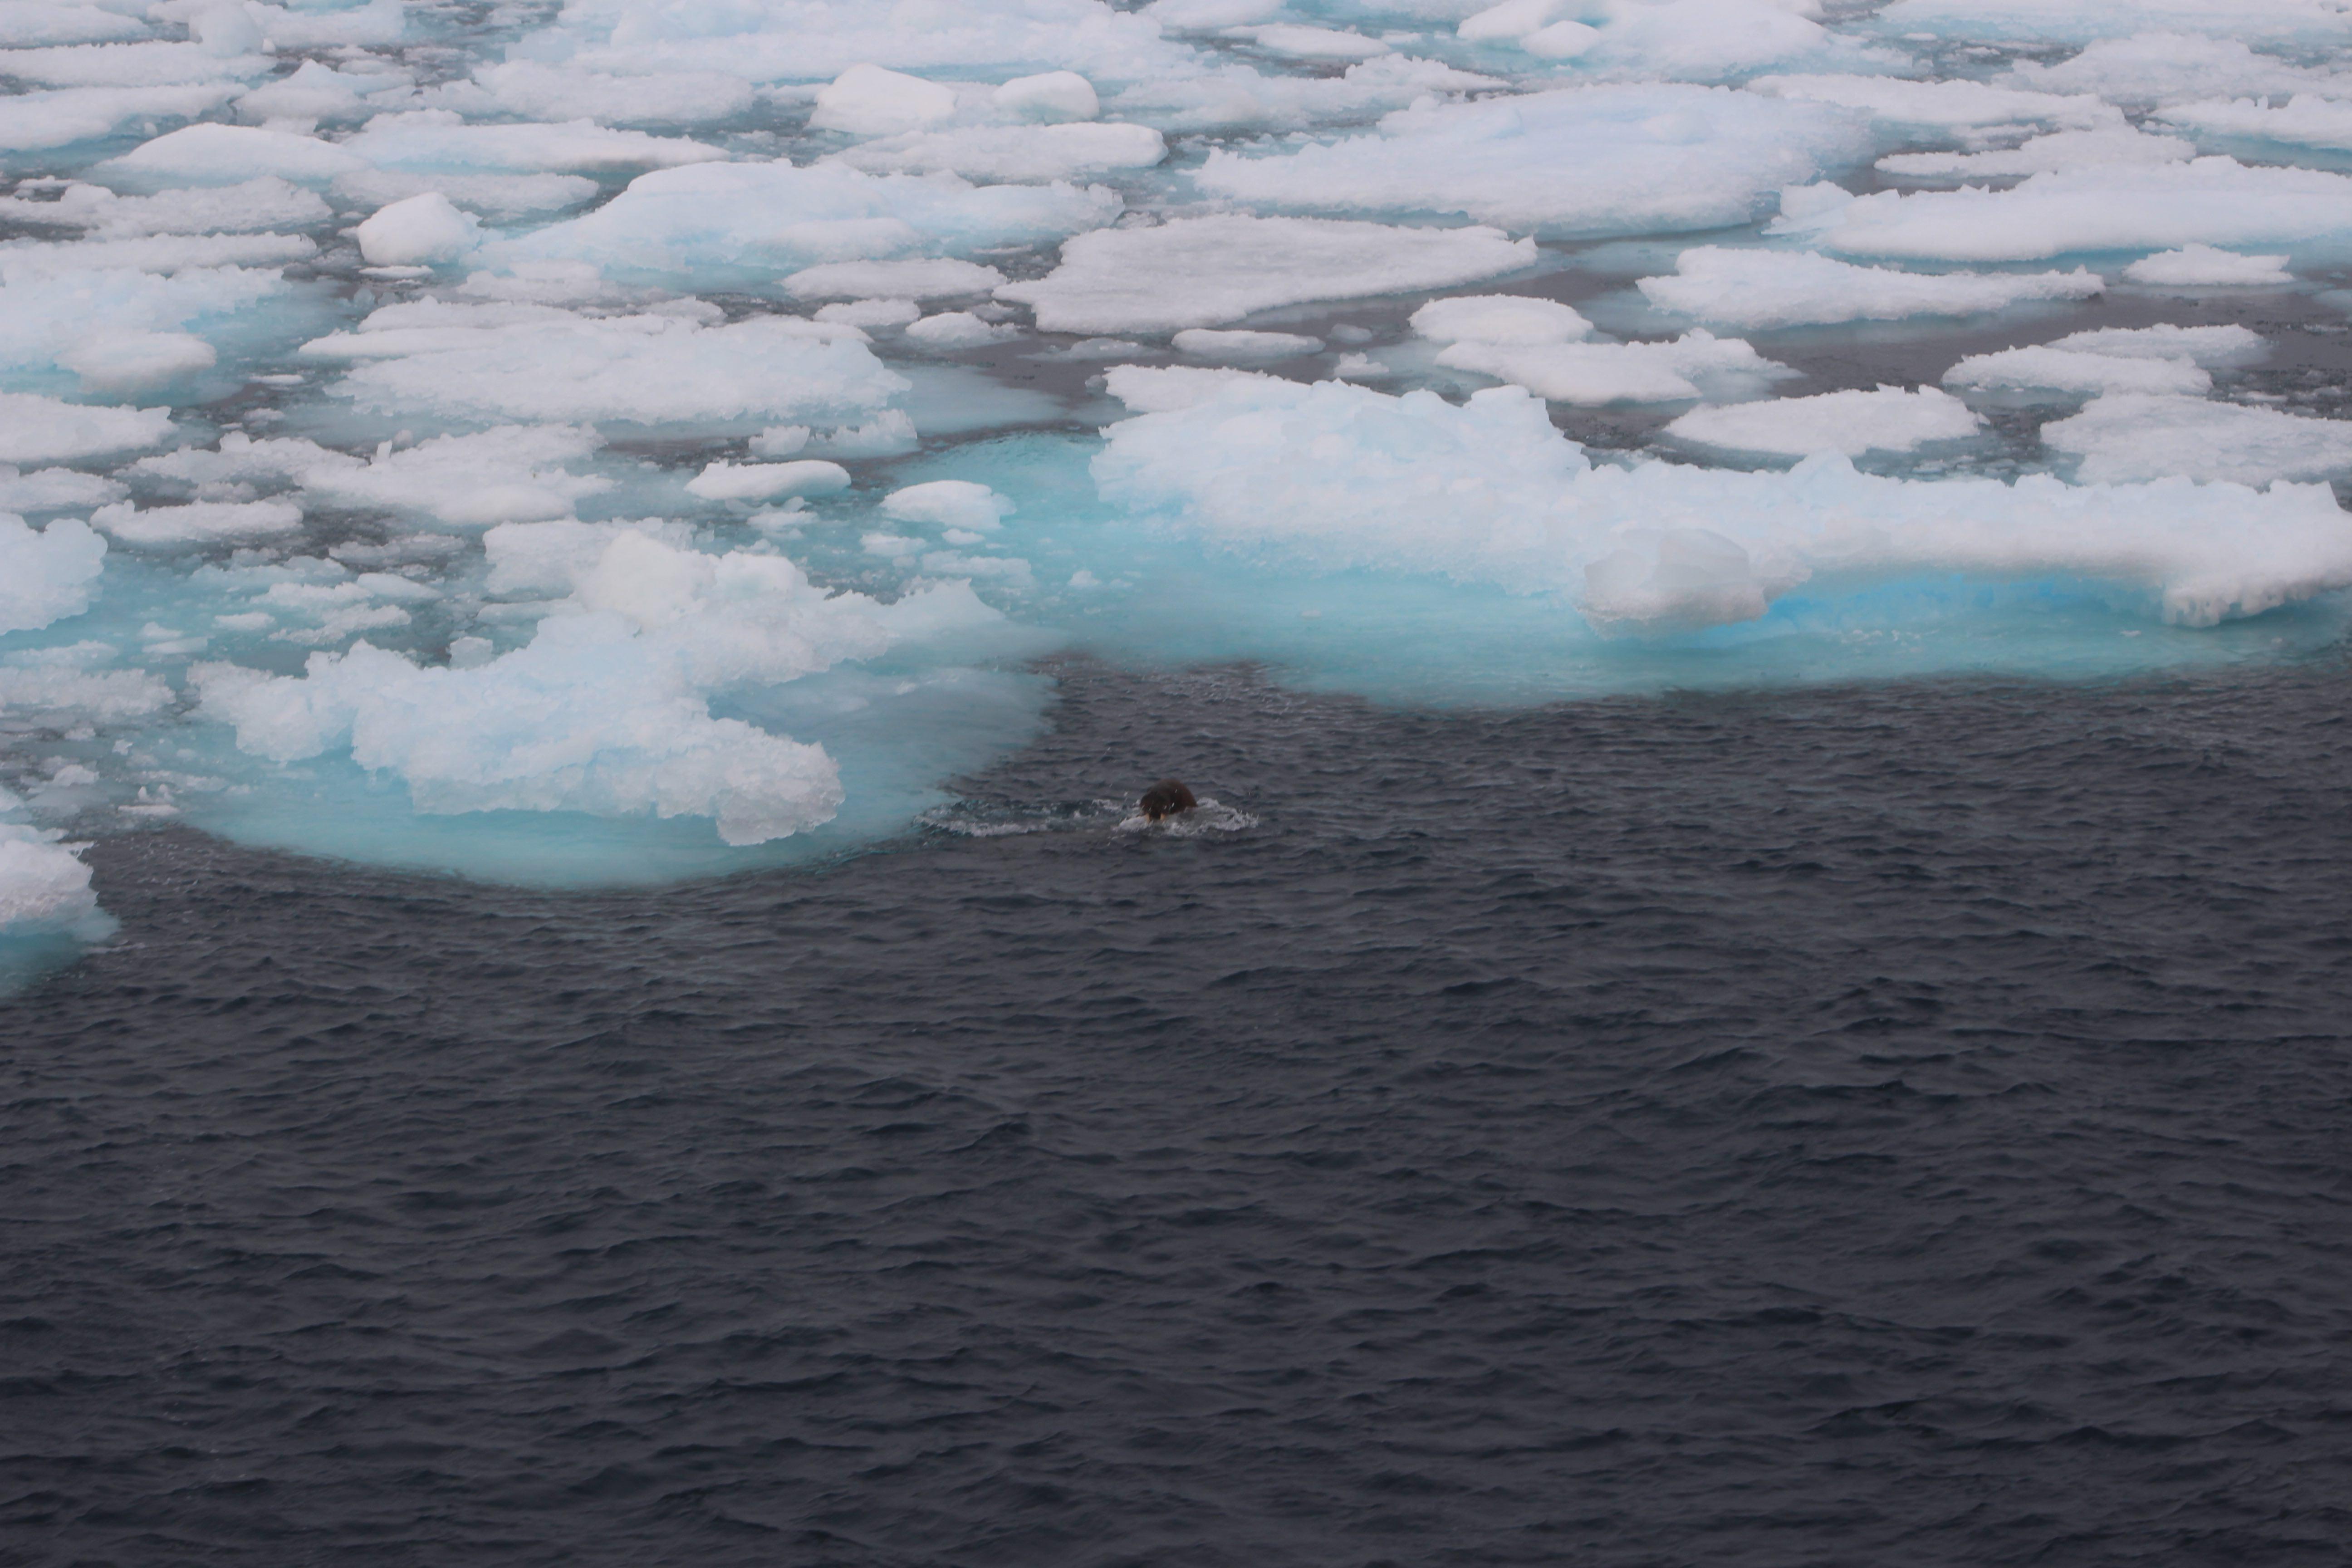 Walrus broken ice